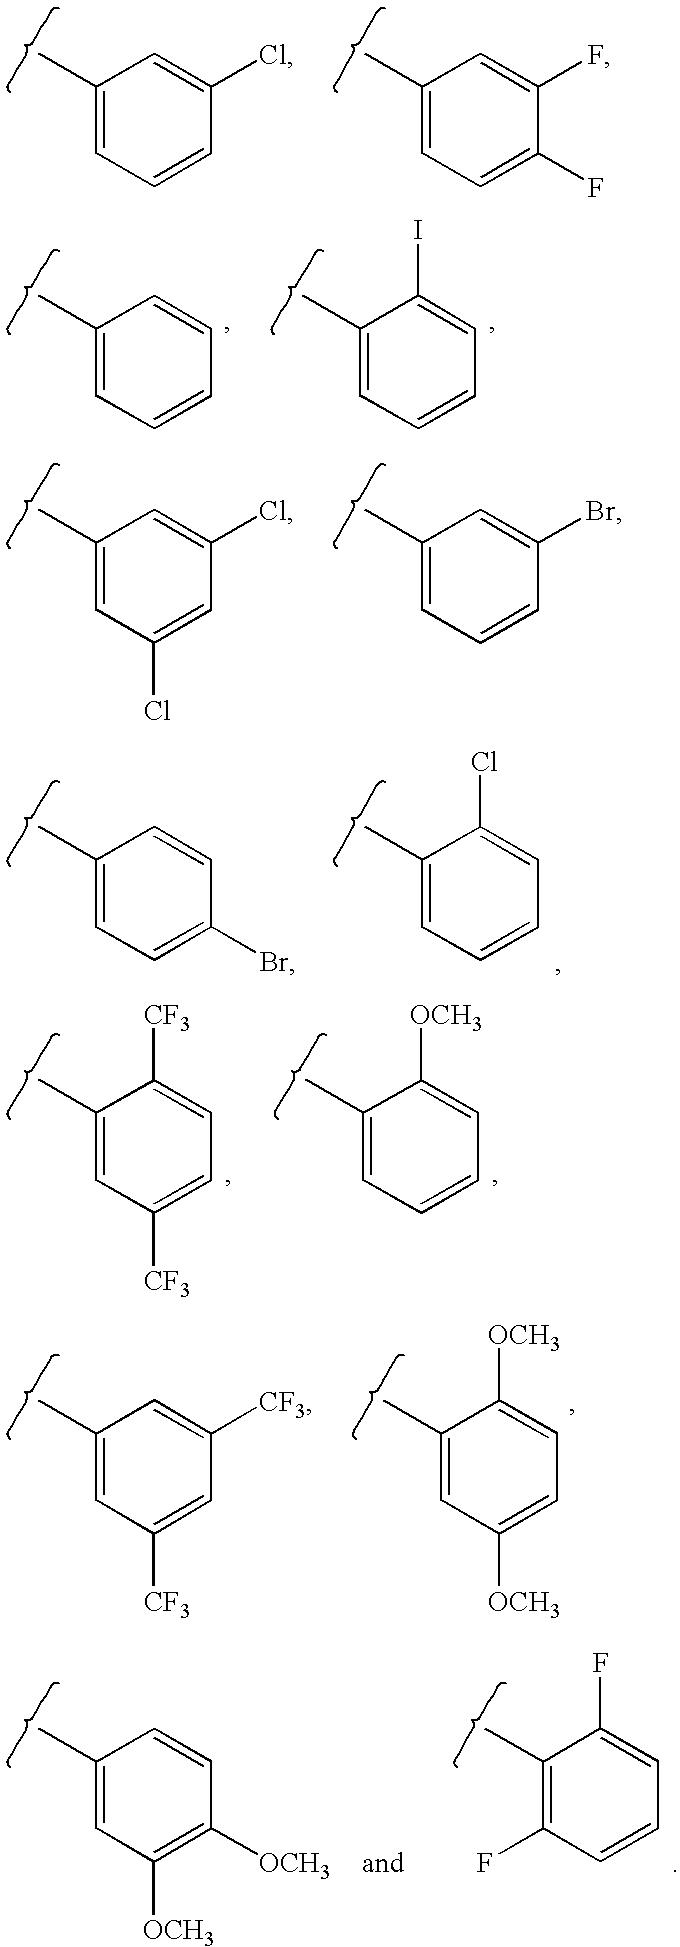 Figure US07709518-20100504-C00028